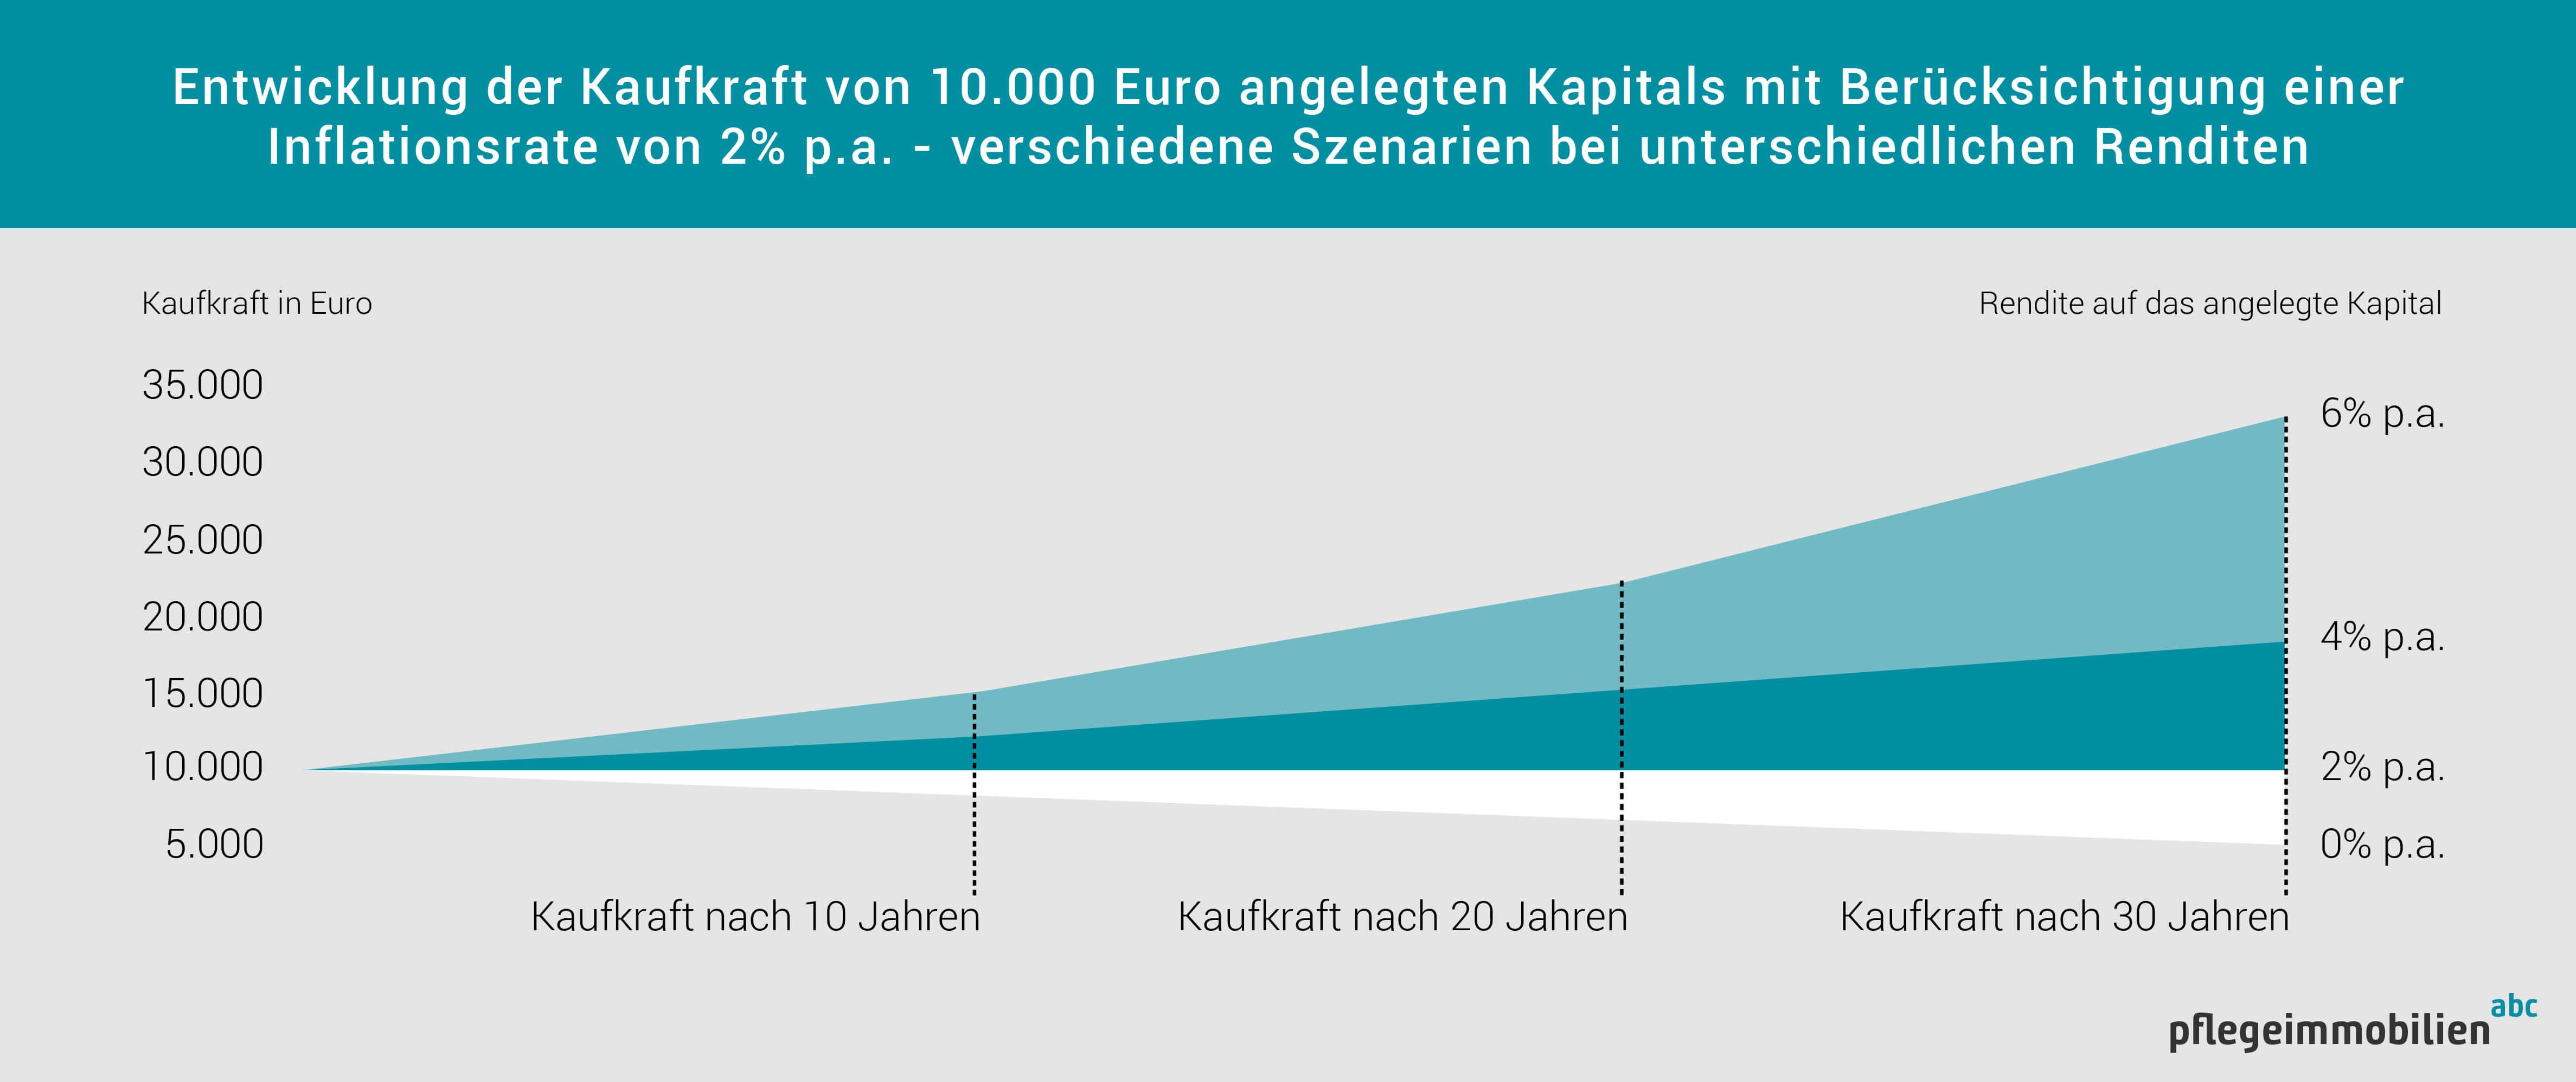 Infografik mit mehreren Szenarien der Kapitalanlage unter Berücksichtigung der Inflation